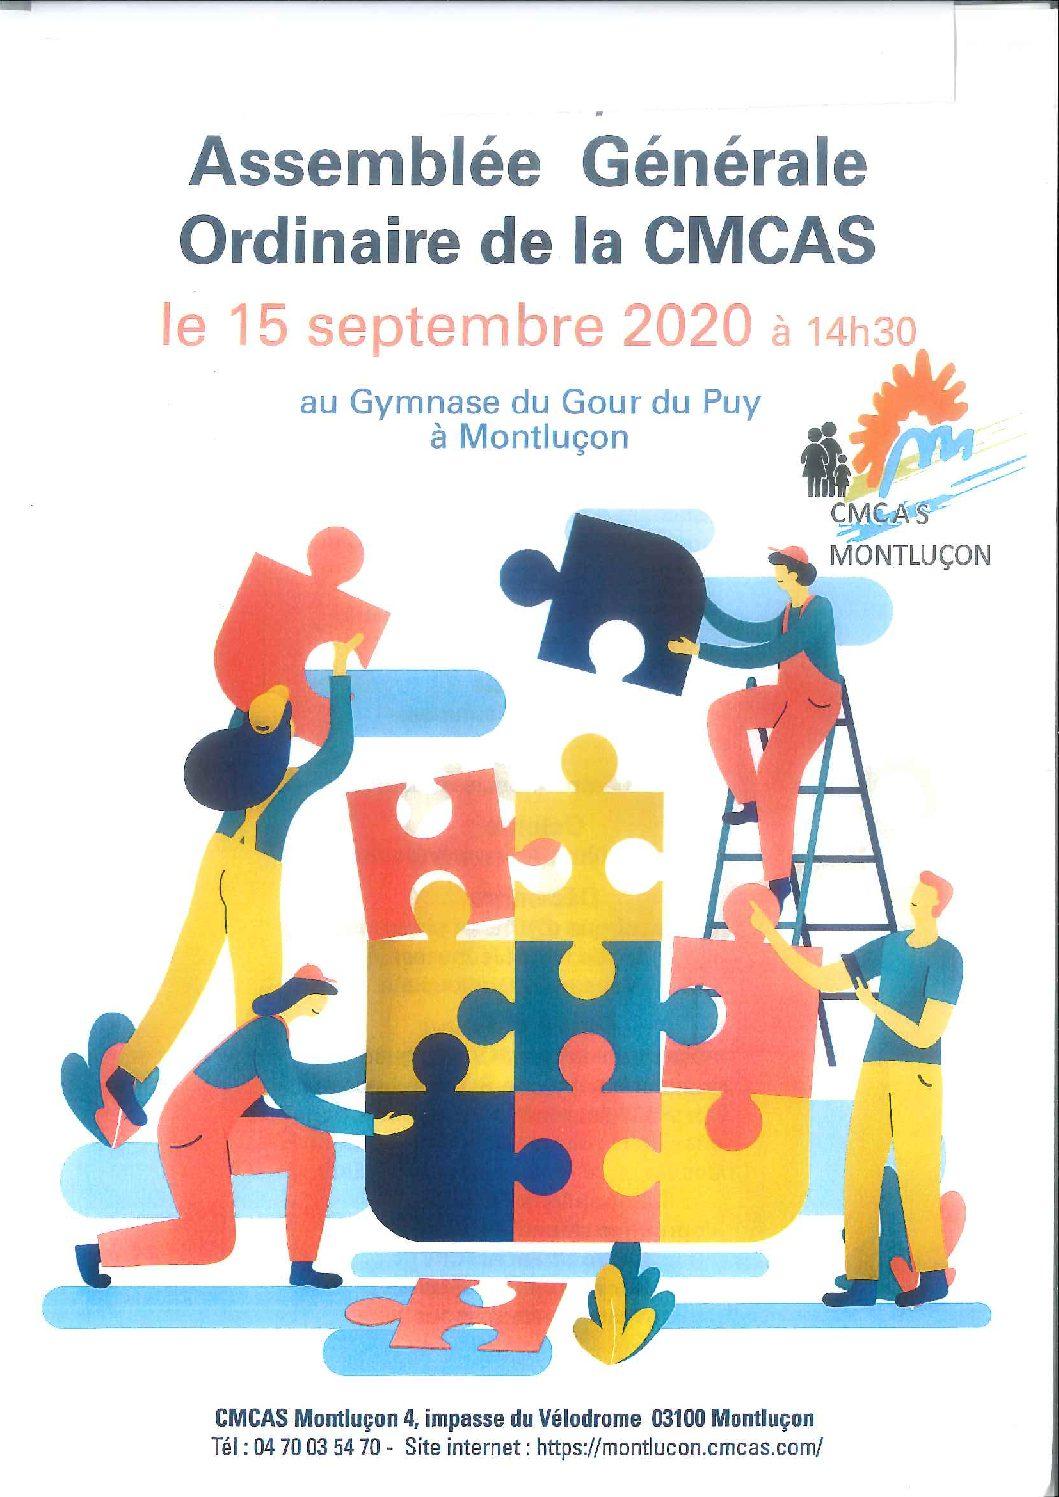 Assemblée Générale de la CMCAS